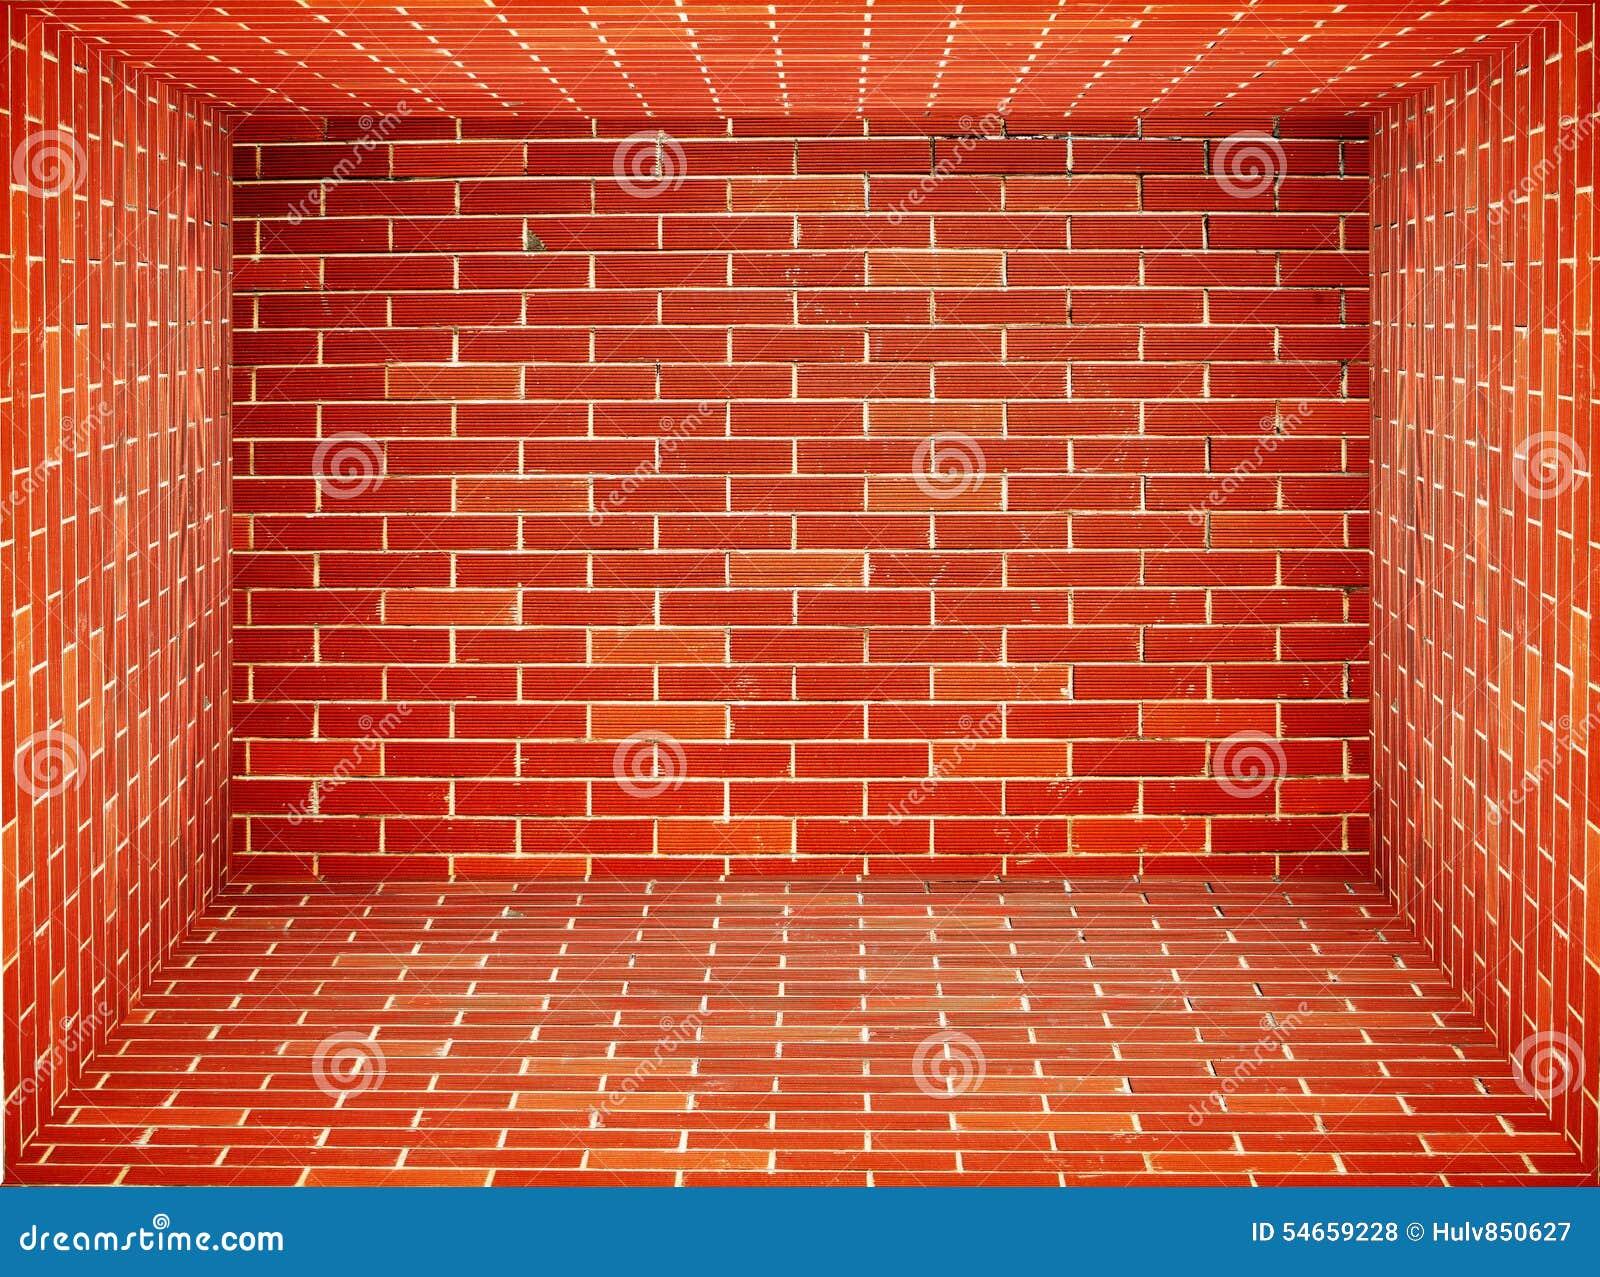 Muro Rosso Bordeau: Colori pareti soggiorno prova il verde tirichiamo. Muro di mattoni rosso ...